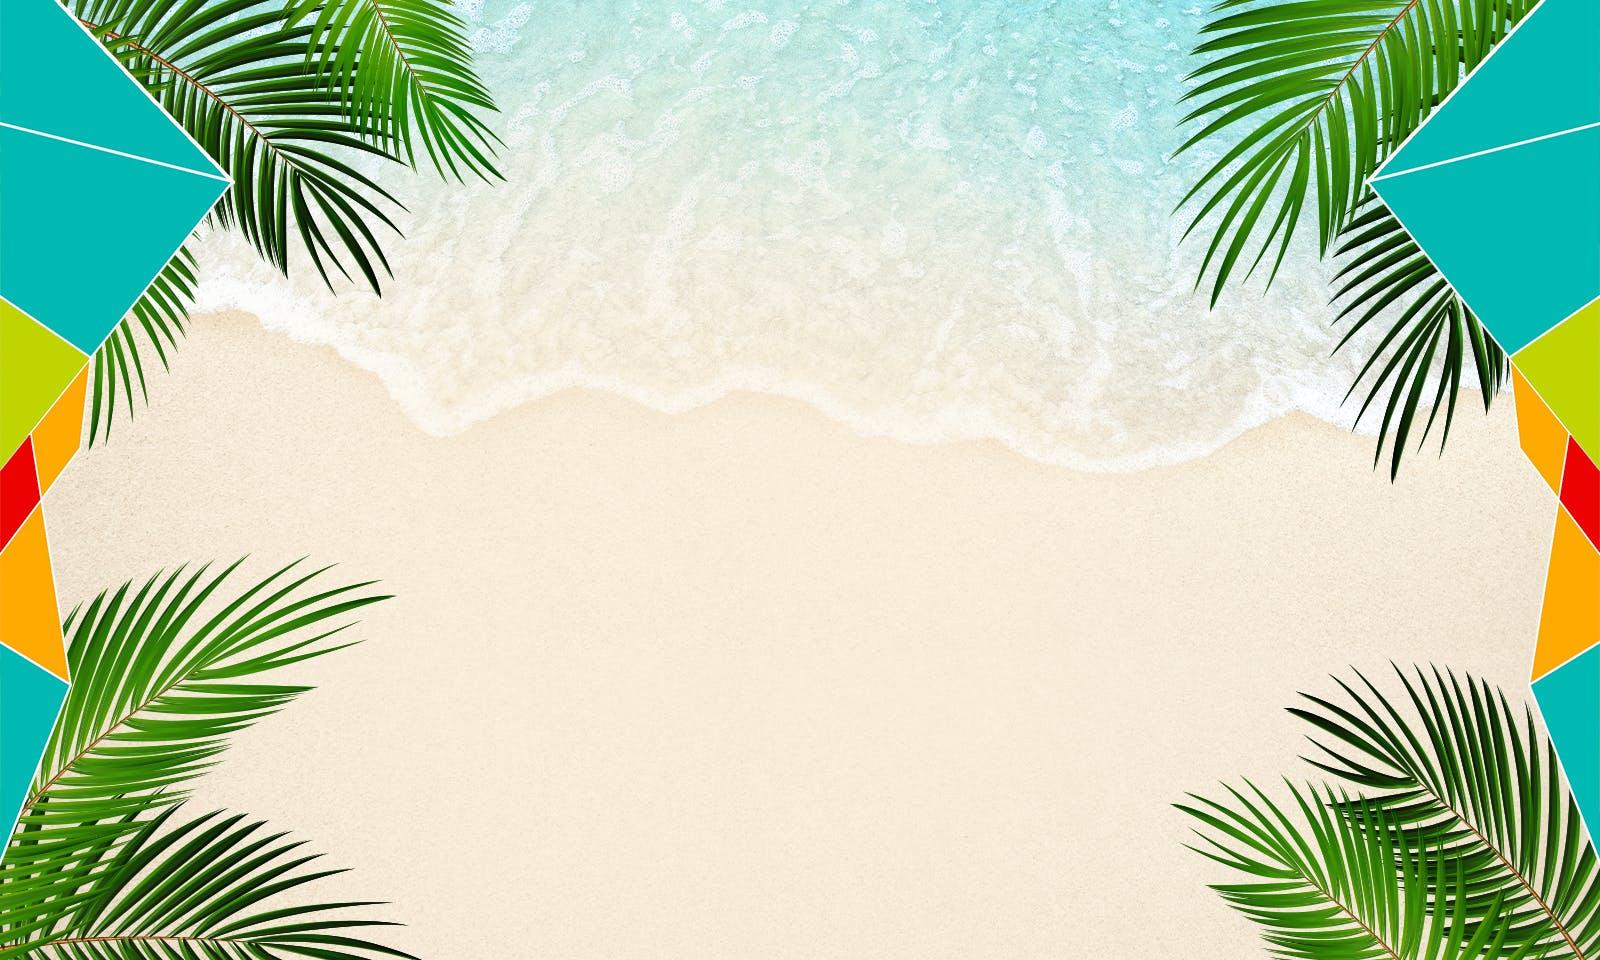 Spring Awakening Excursions Cancun Awakening Pollen 2021